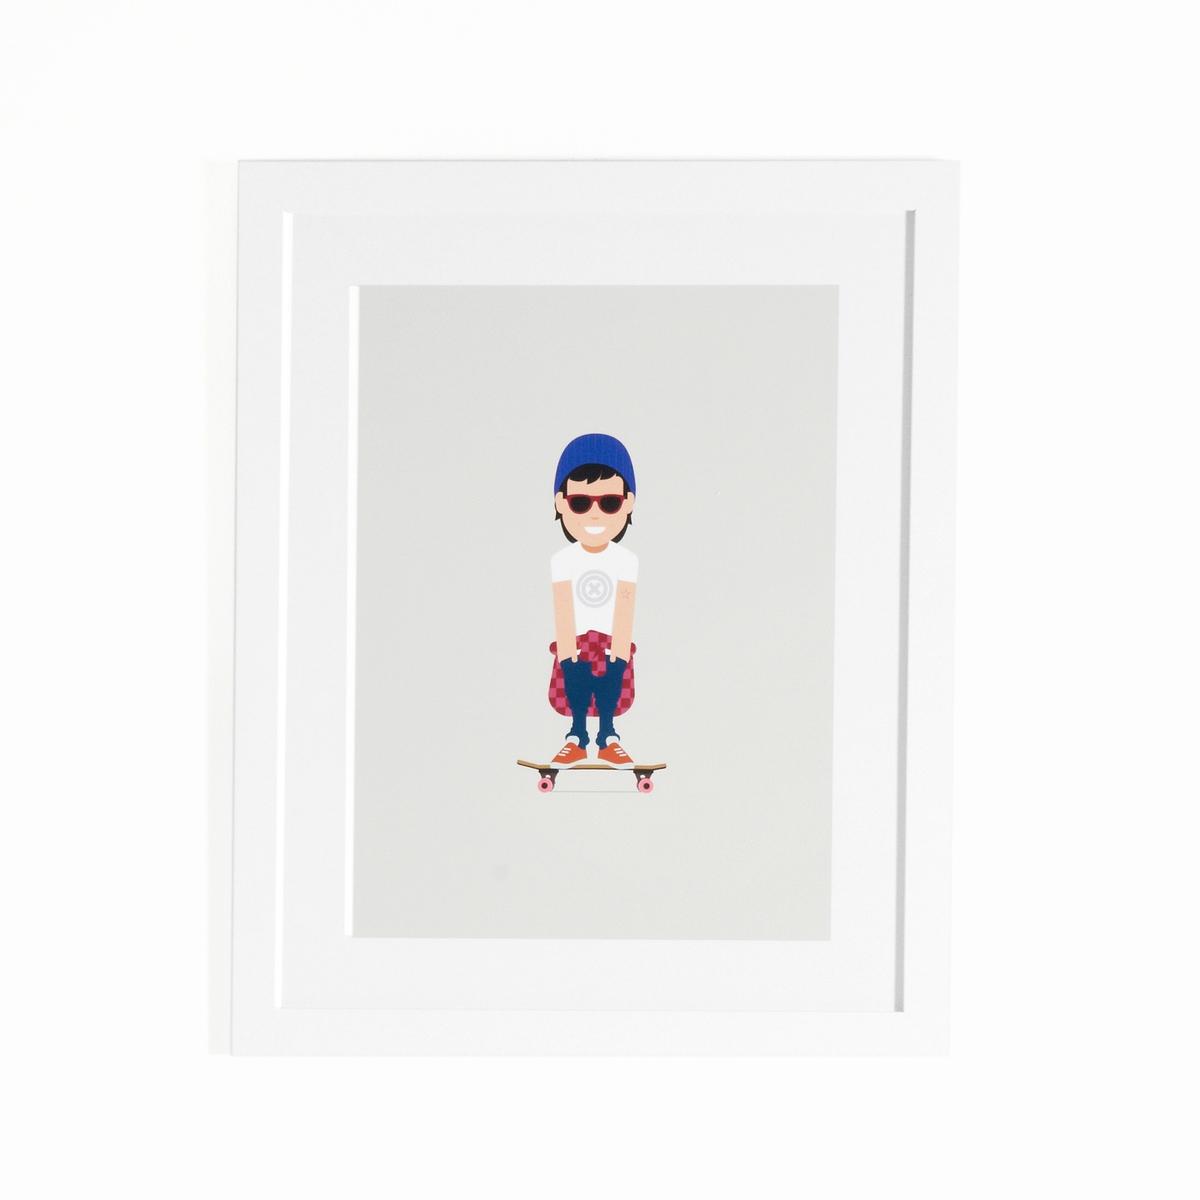 Плакат в рамке скейтеры CoriamaiПлакат в рамке Coriamai . Изображение детей, занимающихся спортом ! 6 плакатов с симпатичным стилизованным изображением для декора комнаты в современном и веселом стиле (другие модели продаются на нашем сайте).Характеристики : - Плакат из офсетной бумаги 170г/м2 с навесом - Рамка из ДСП - Стекло из плексигласа - Крючки для крепления на стену (саморезы и дюбели не входят в комплект)Размеры : - Дл40 x Выс50 см<br><br>Цвет: разноцветный